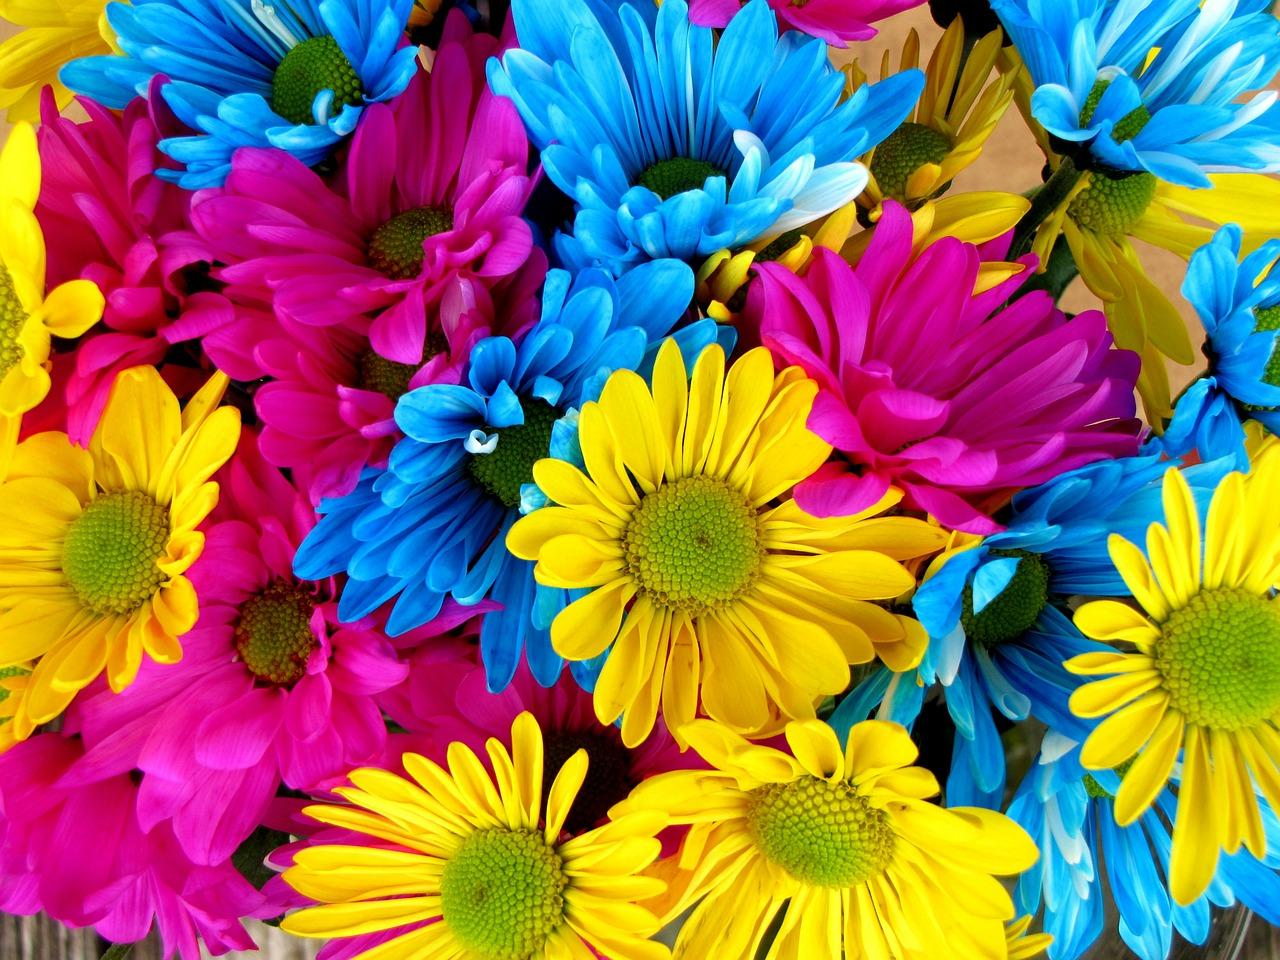 daisiescolor.jpg